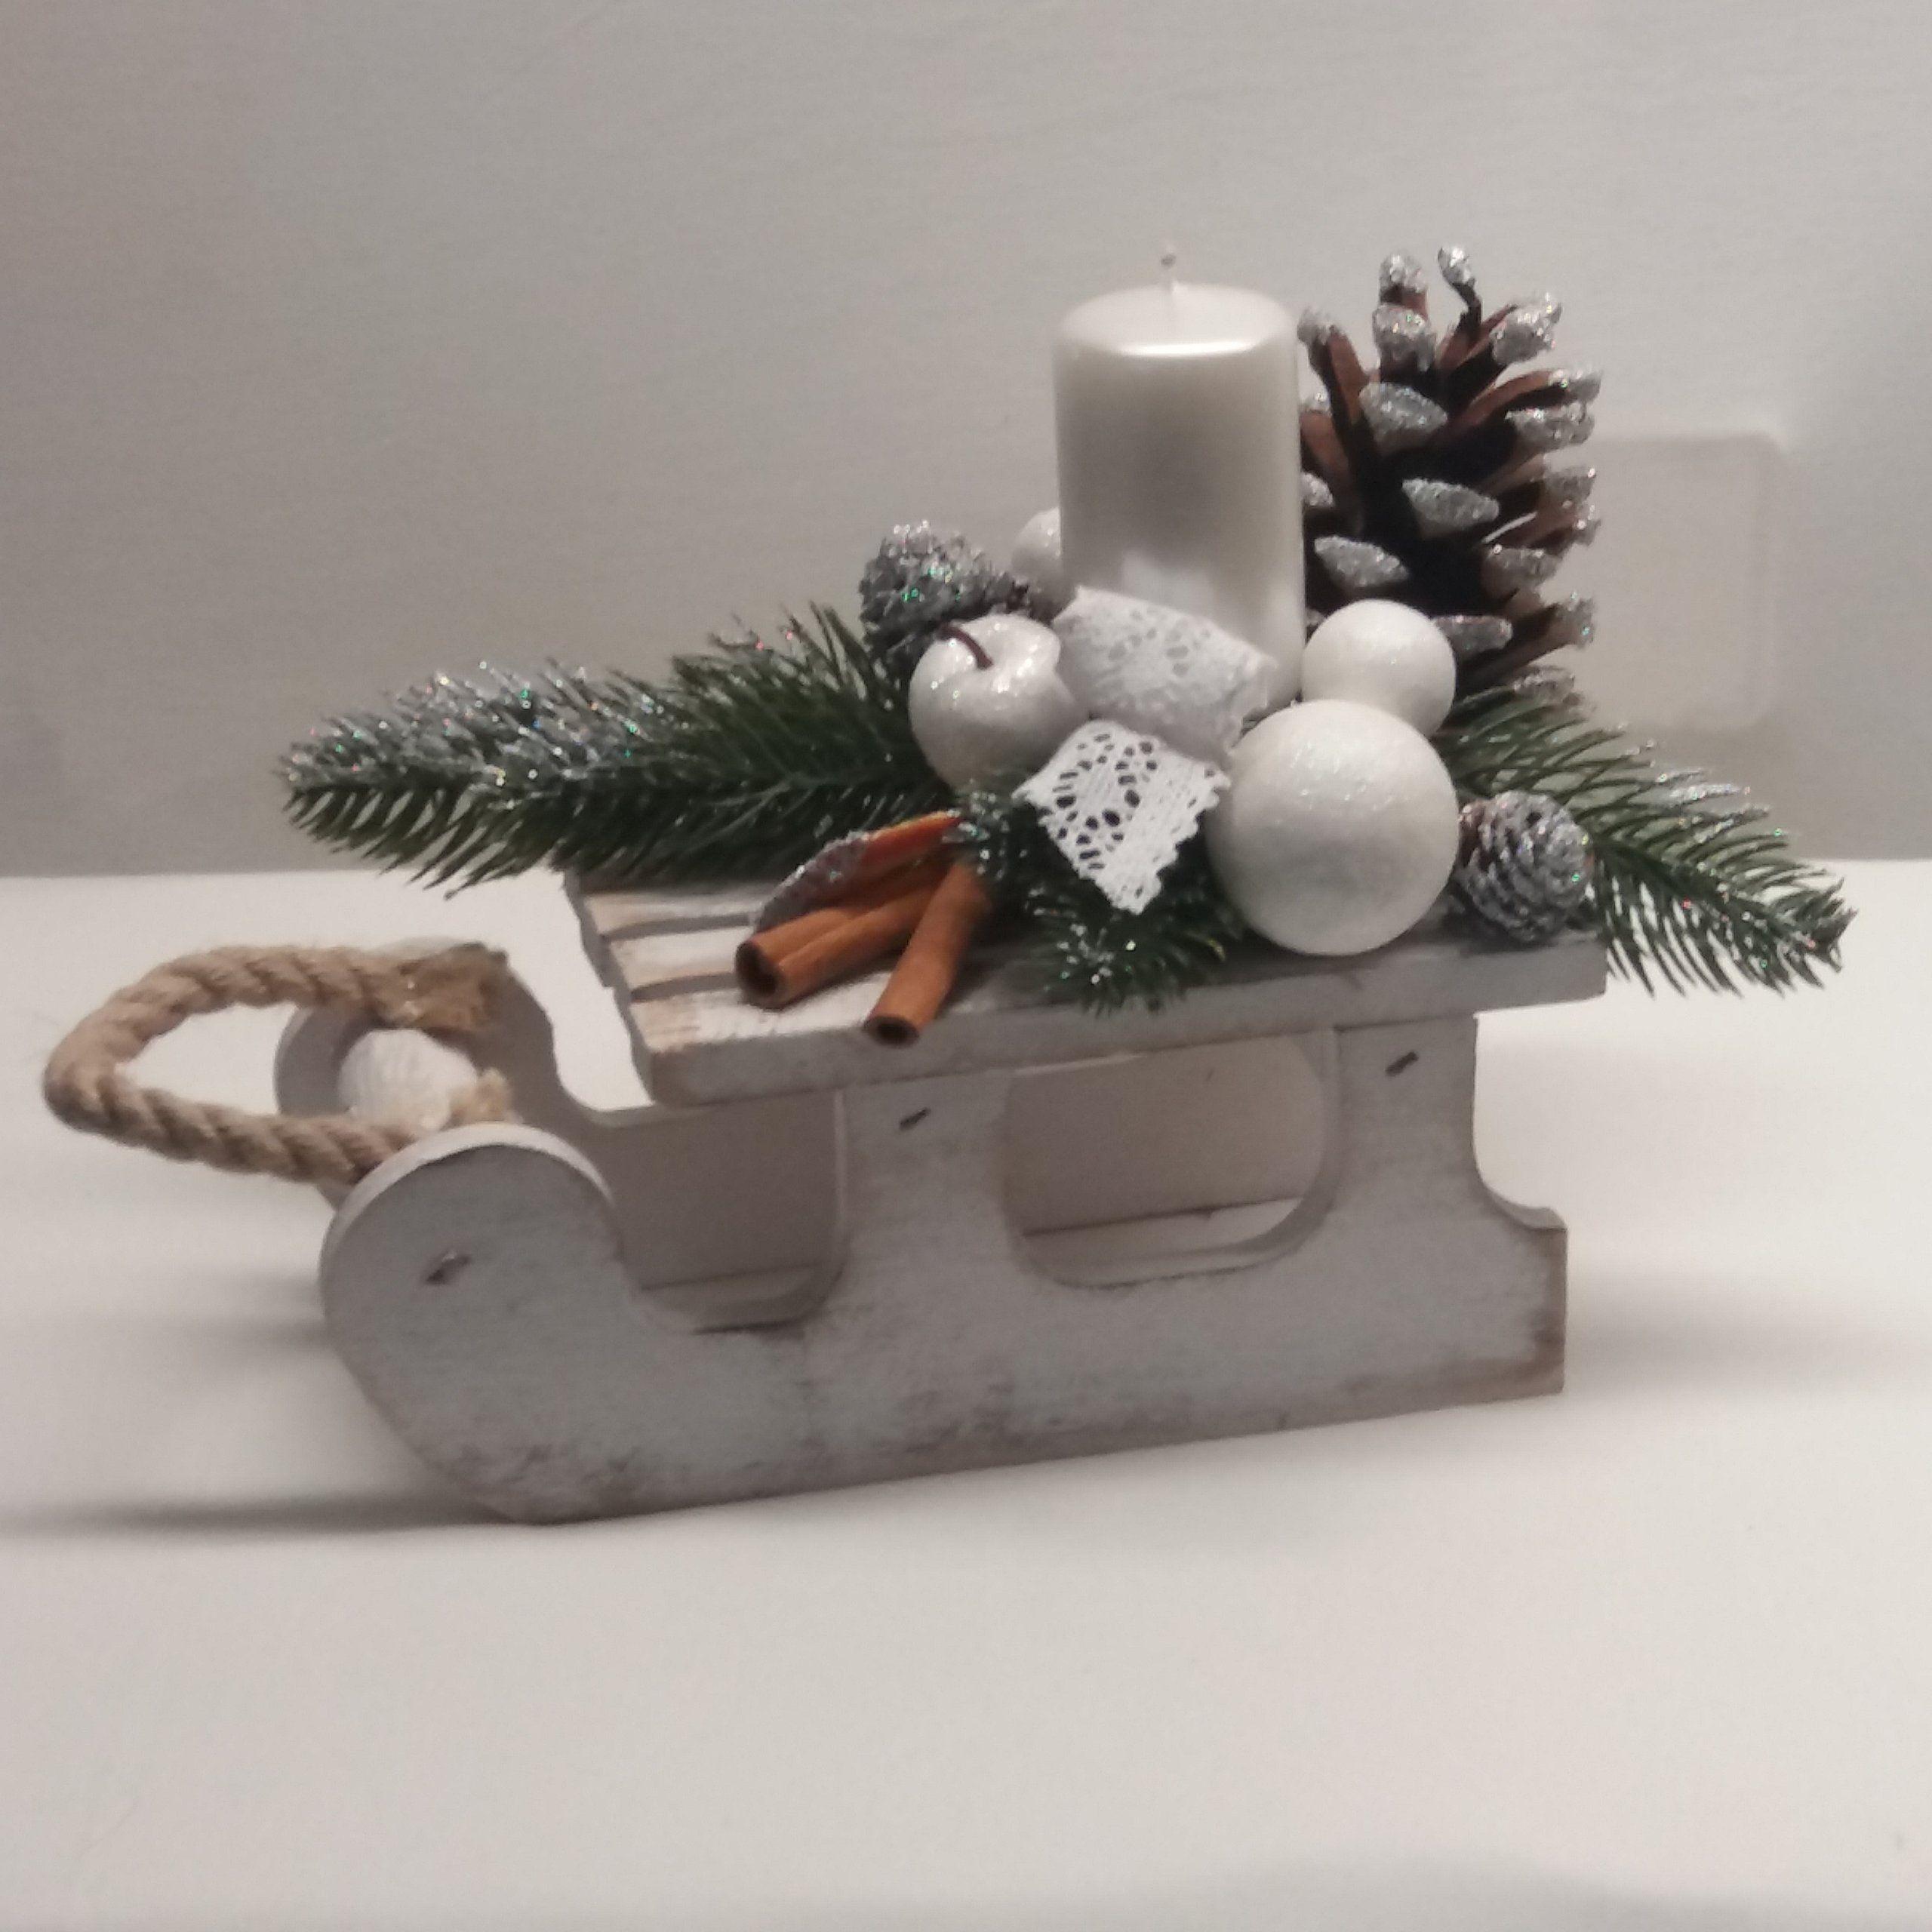 Stroik Swiateczny Saneczki Sanki 7065019845 Oficjalne Archiwum Allegro Christmas Ornaments Place Card Holders Holiday Decor